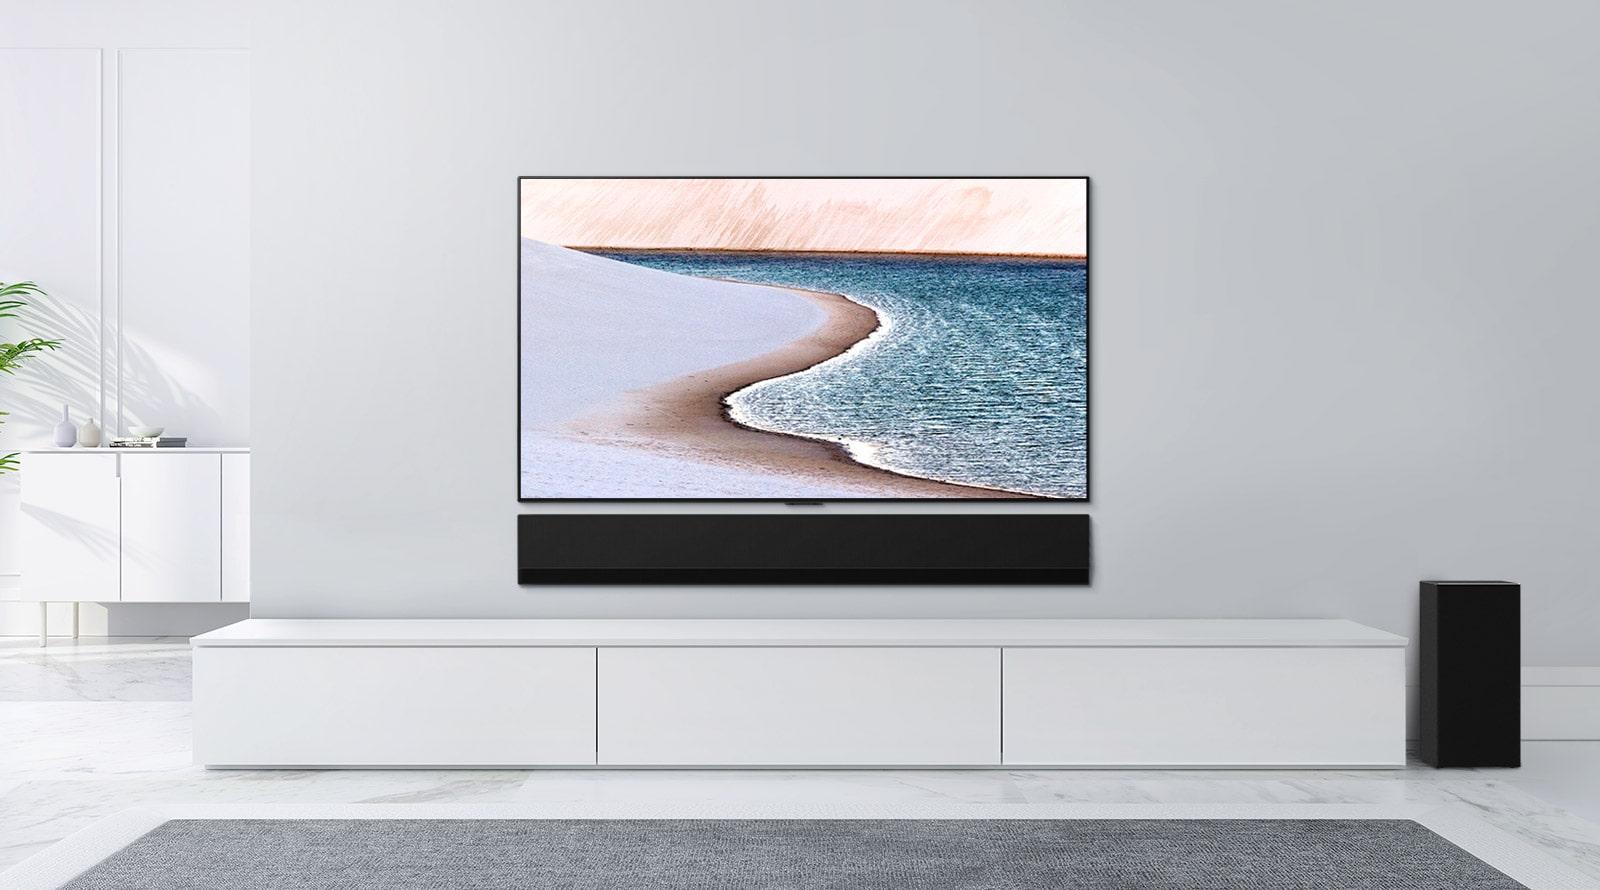 Ein Fernseher ist an einer hellgrauen Wand befestigt. Darunter befindet sich die LG Soundbar auf einer weißen Kommode. Auf dem Fernseher ist ein Strand zu sehen.